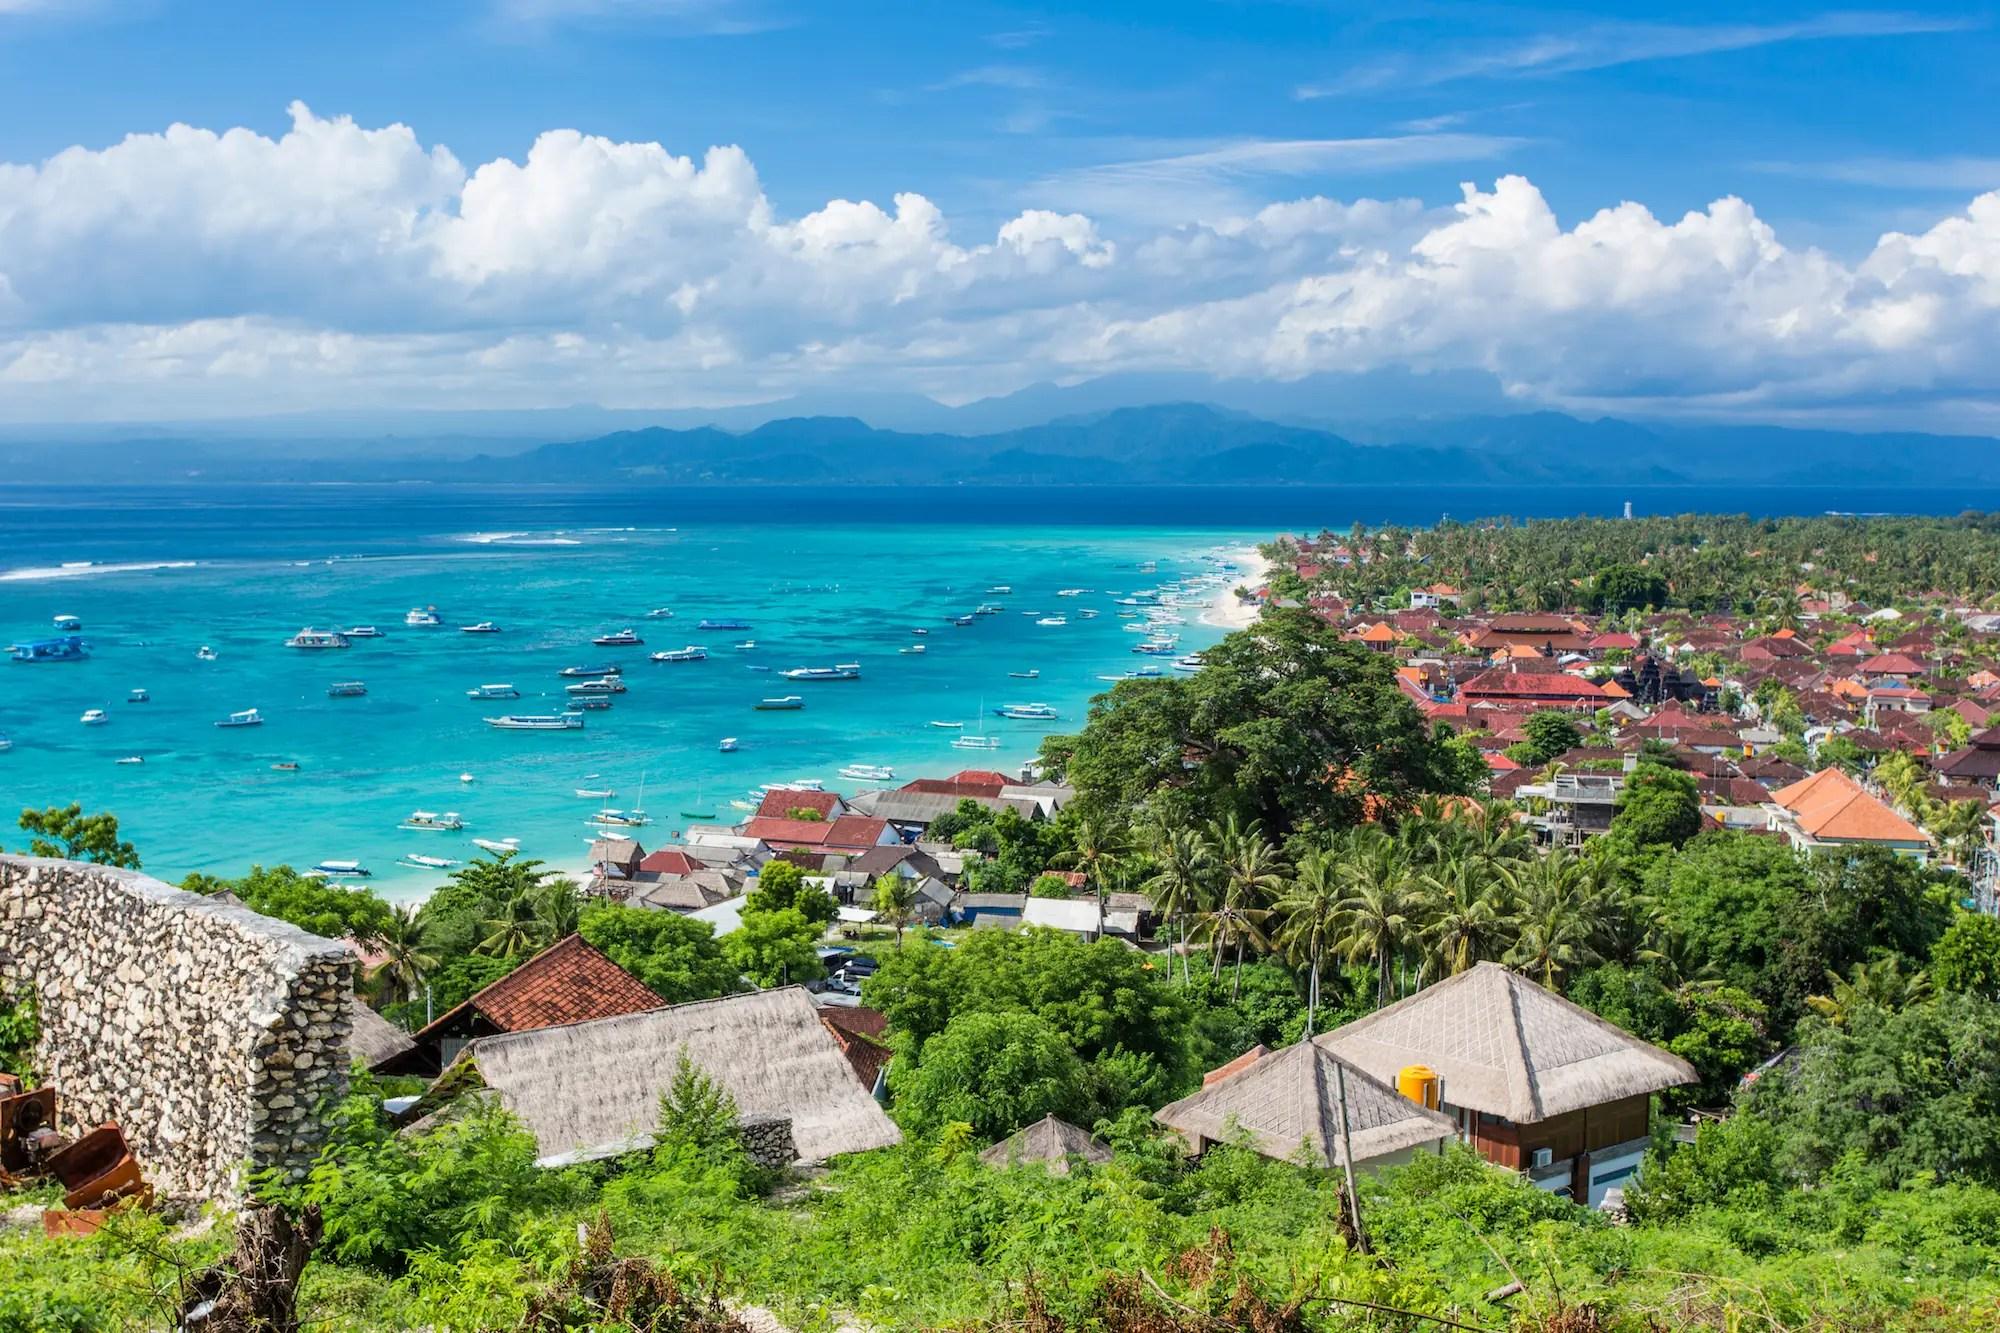 Nusa Lembongan, Bali, Indonesia.